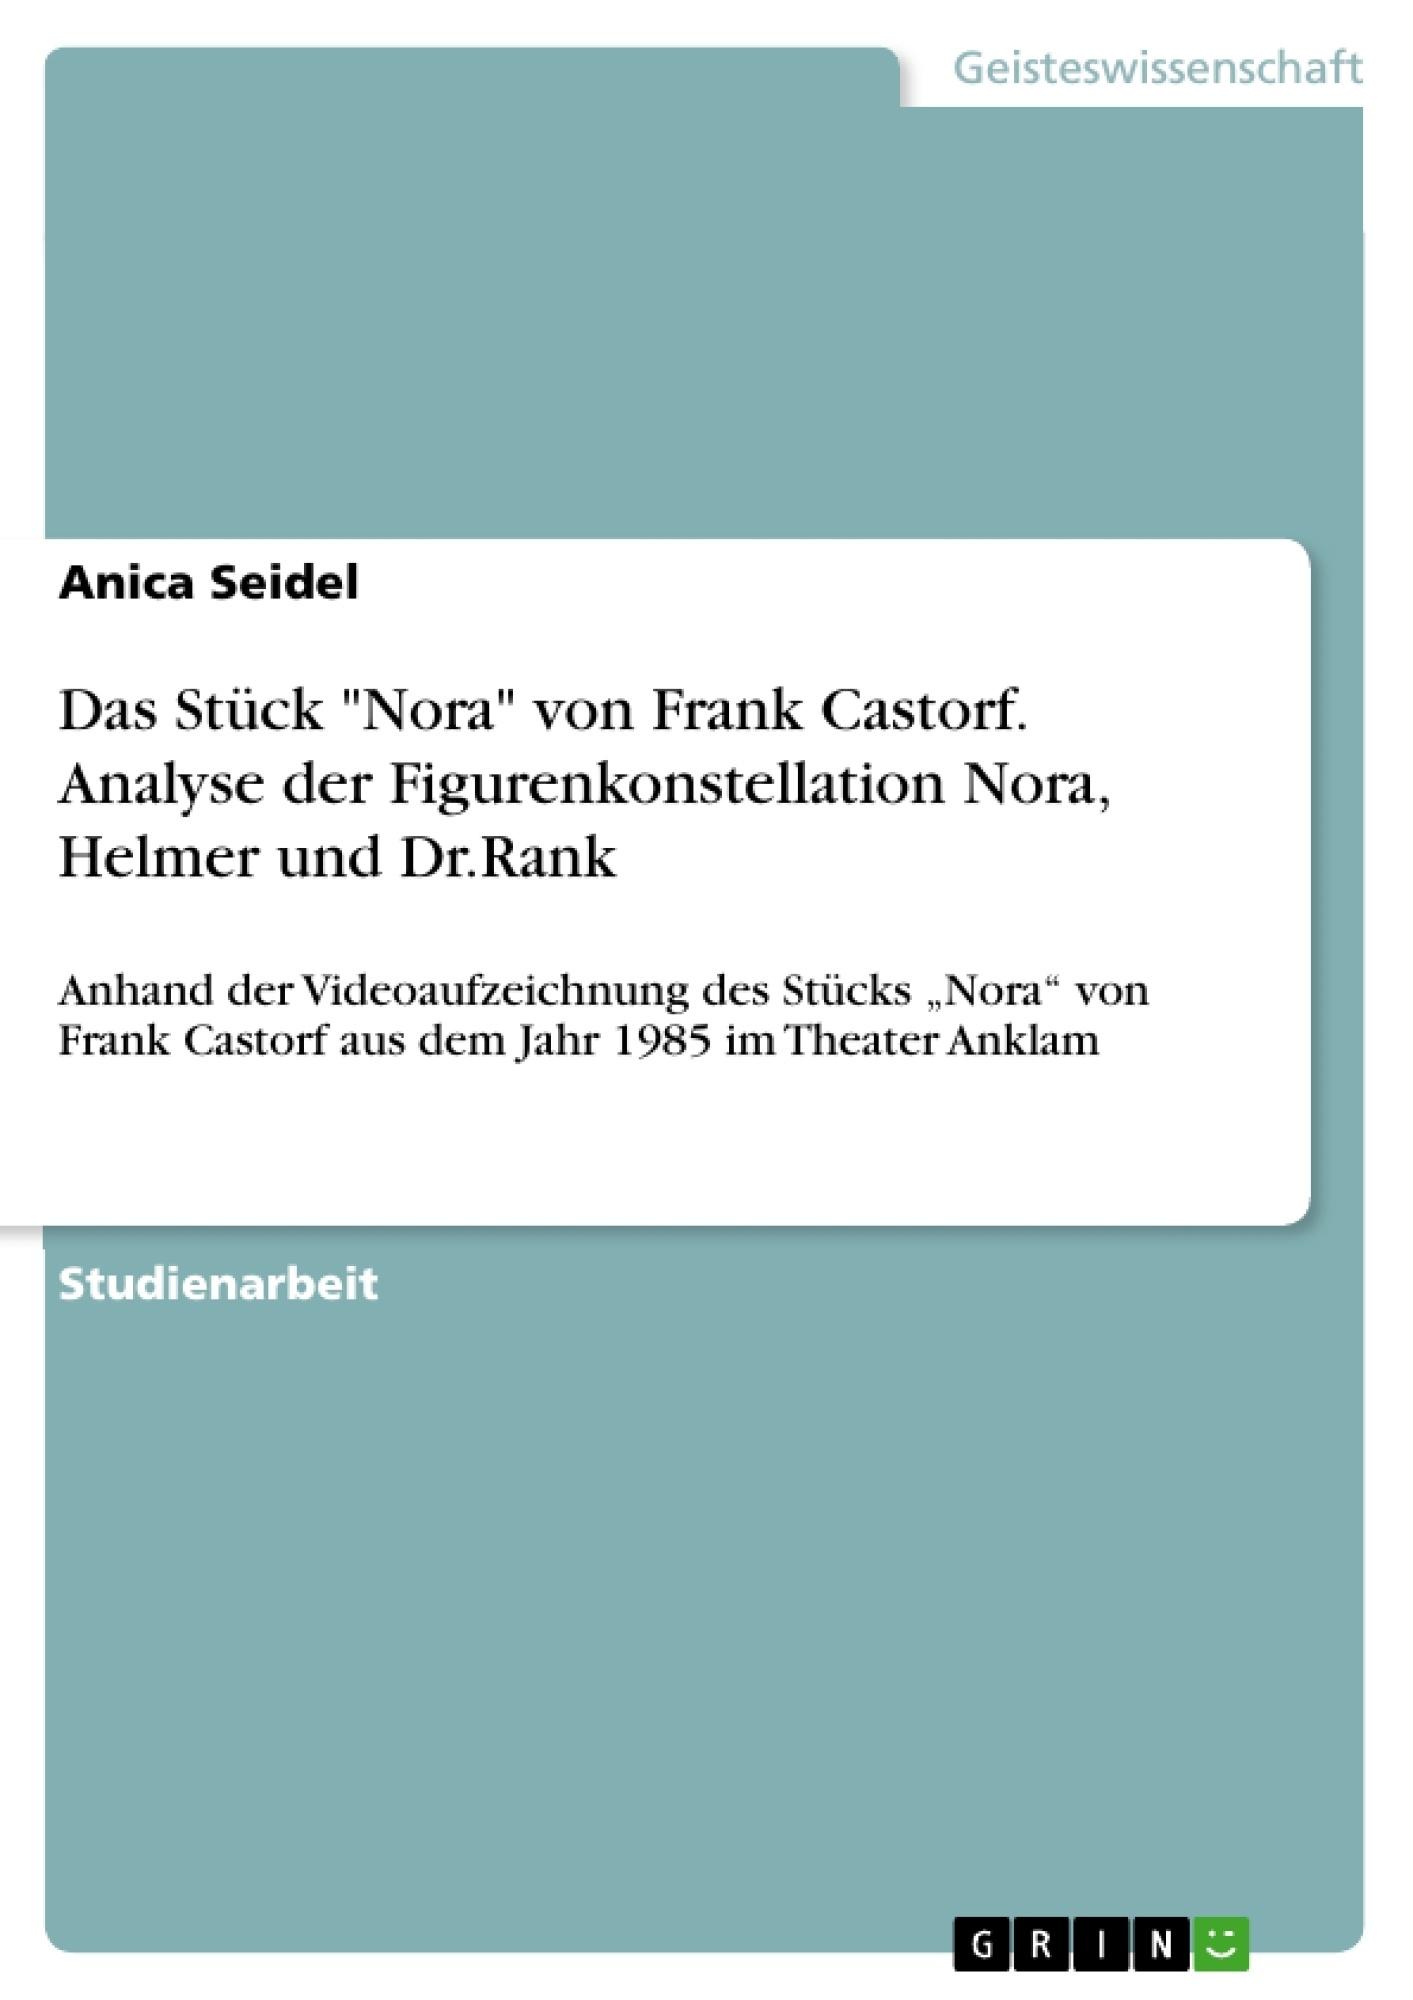 """Titel: Das Stück """"Nora"""" von Frank Castorf. Analyse der Figurenkonstellation Nora, Helmer und Dr.Rank"""